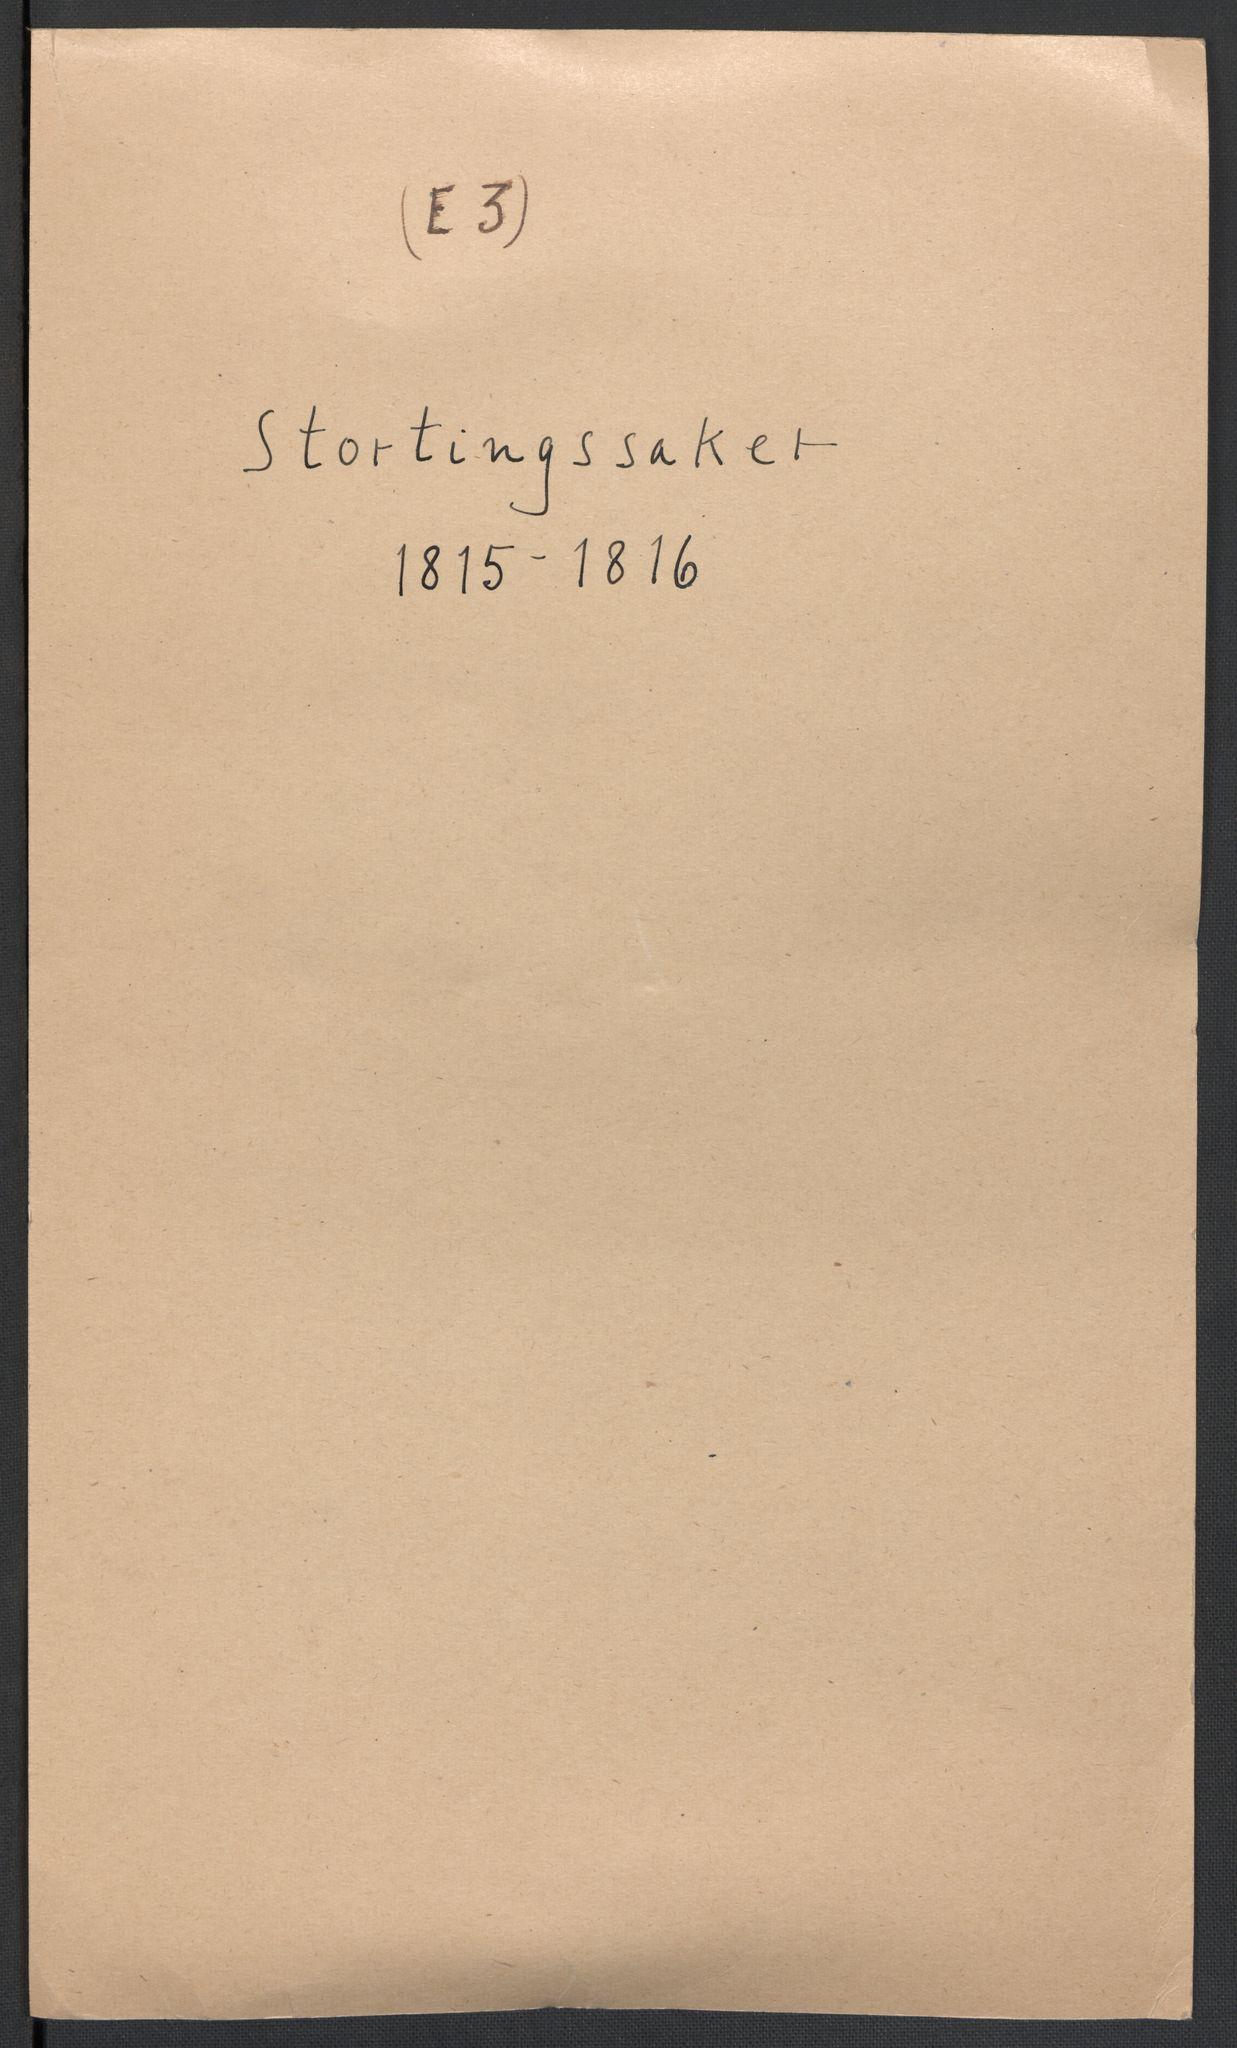 RA, Christie, Wilhelm Frimann Koren, F/L0005, 1815-1816, s. 105